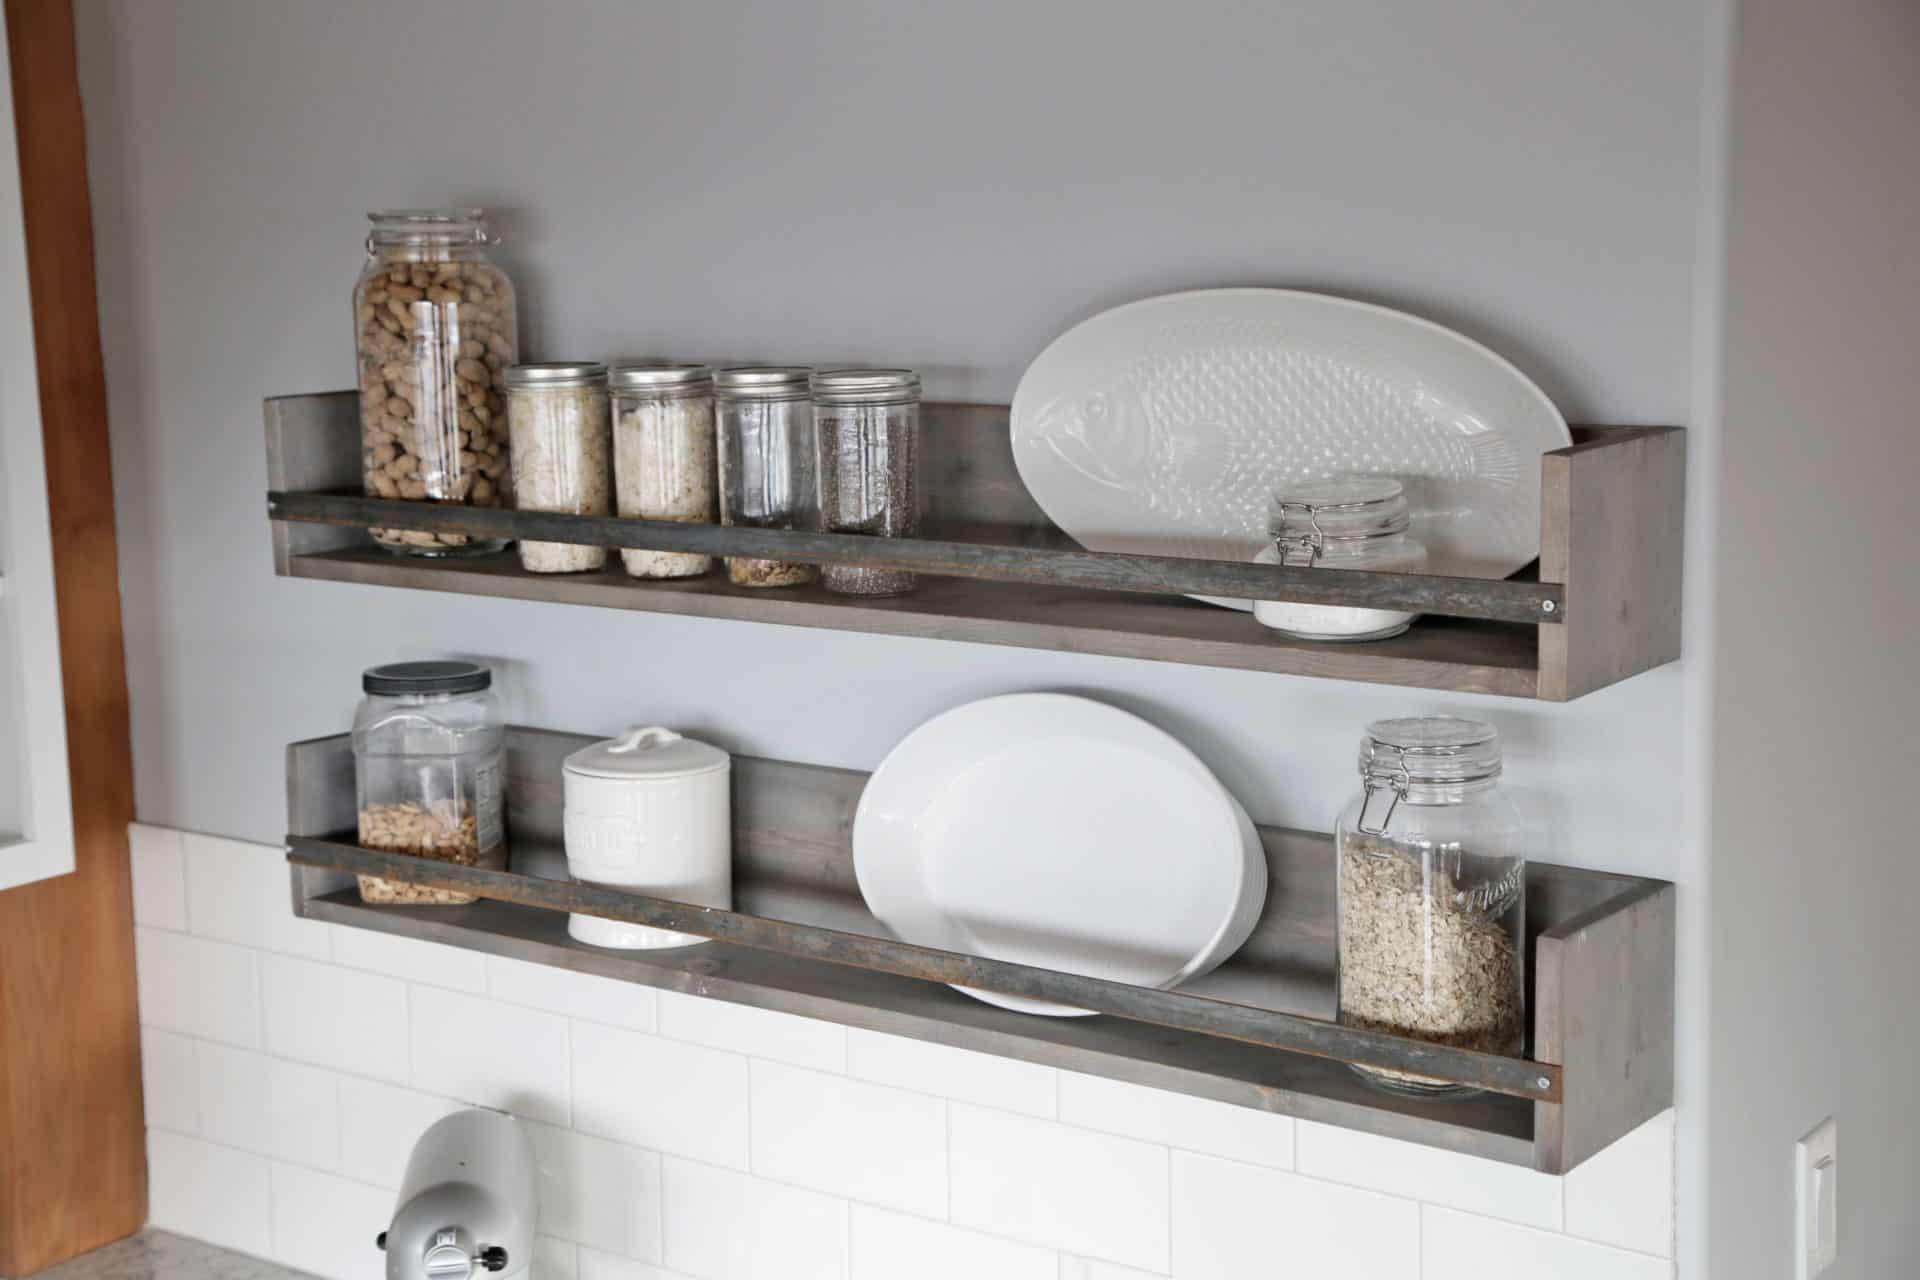 diy gray rustic shelves